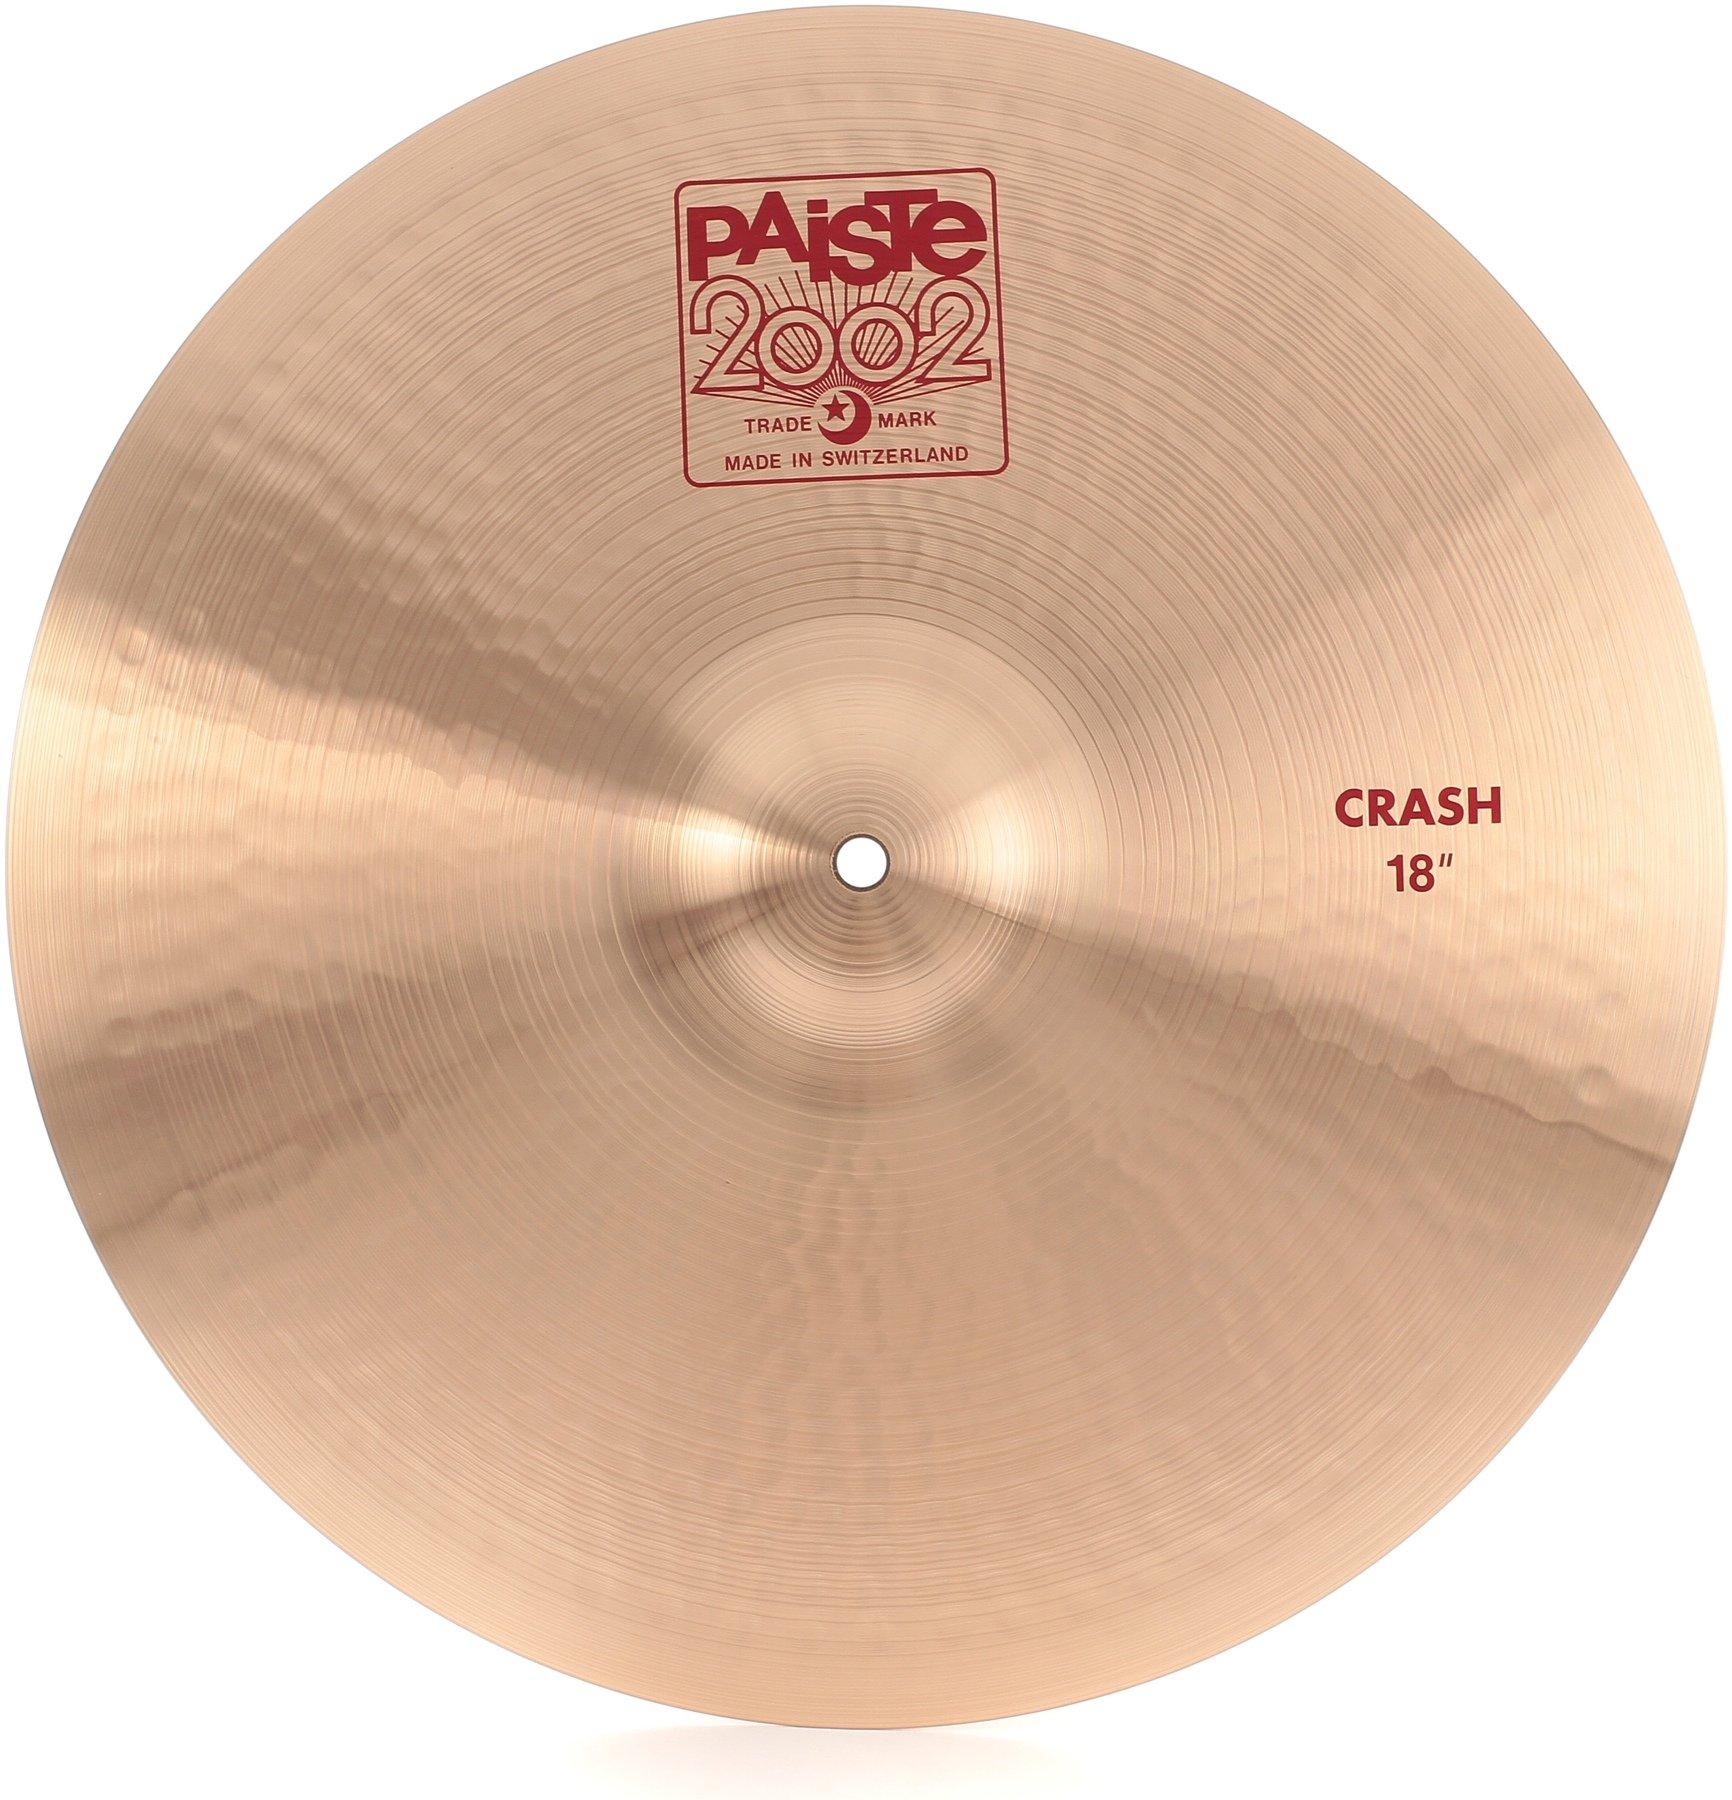 Тарелка для ударных Paiste  18 2002 CRASH